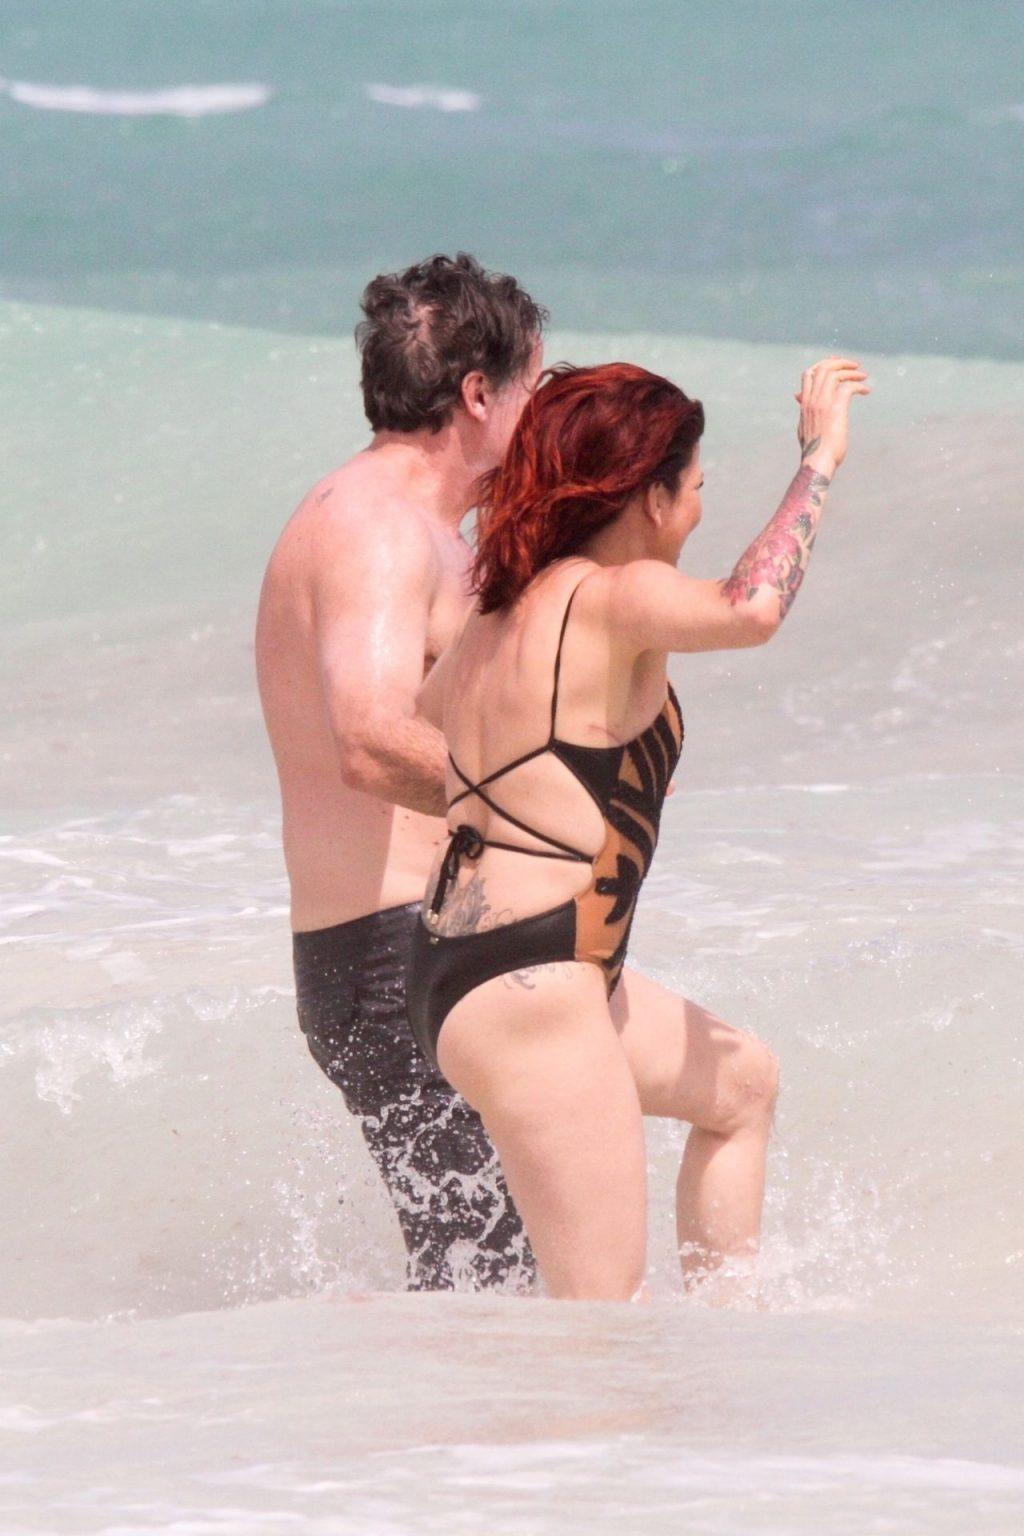 Slash's Ex-Wife Perla Ferrar is Living Life on the Beach (32 Photos)